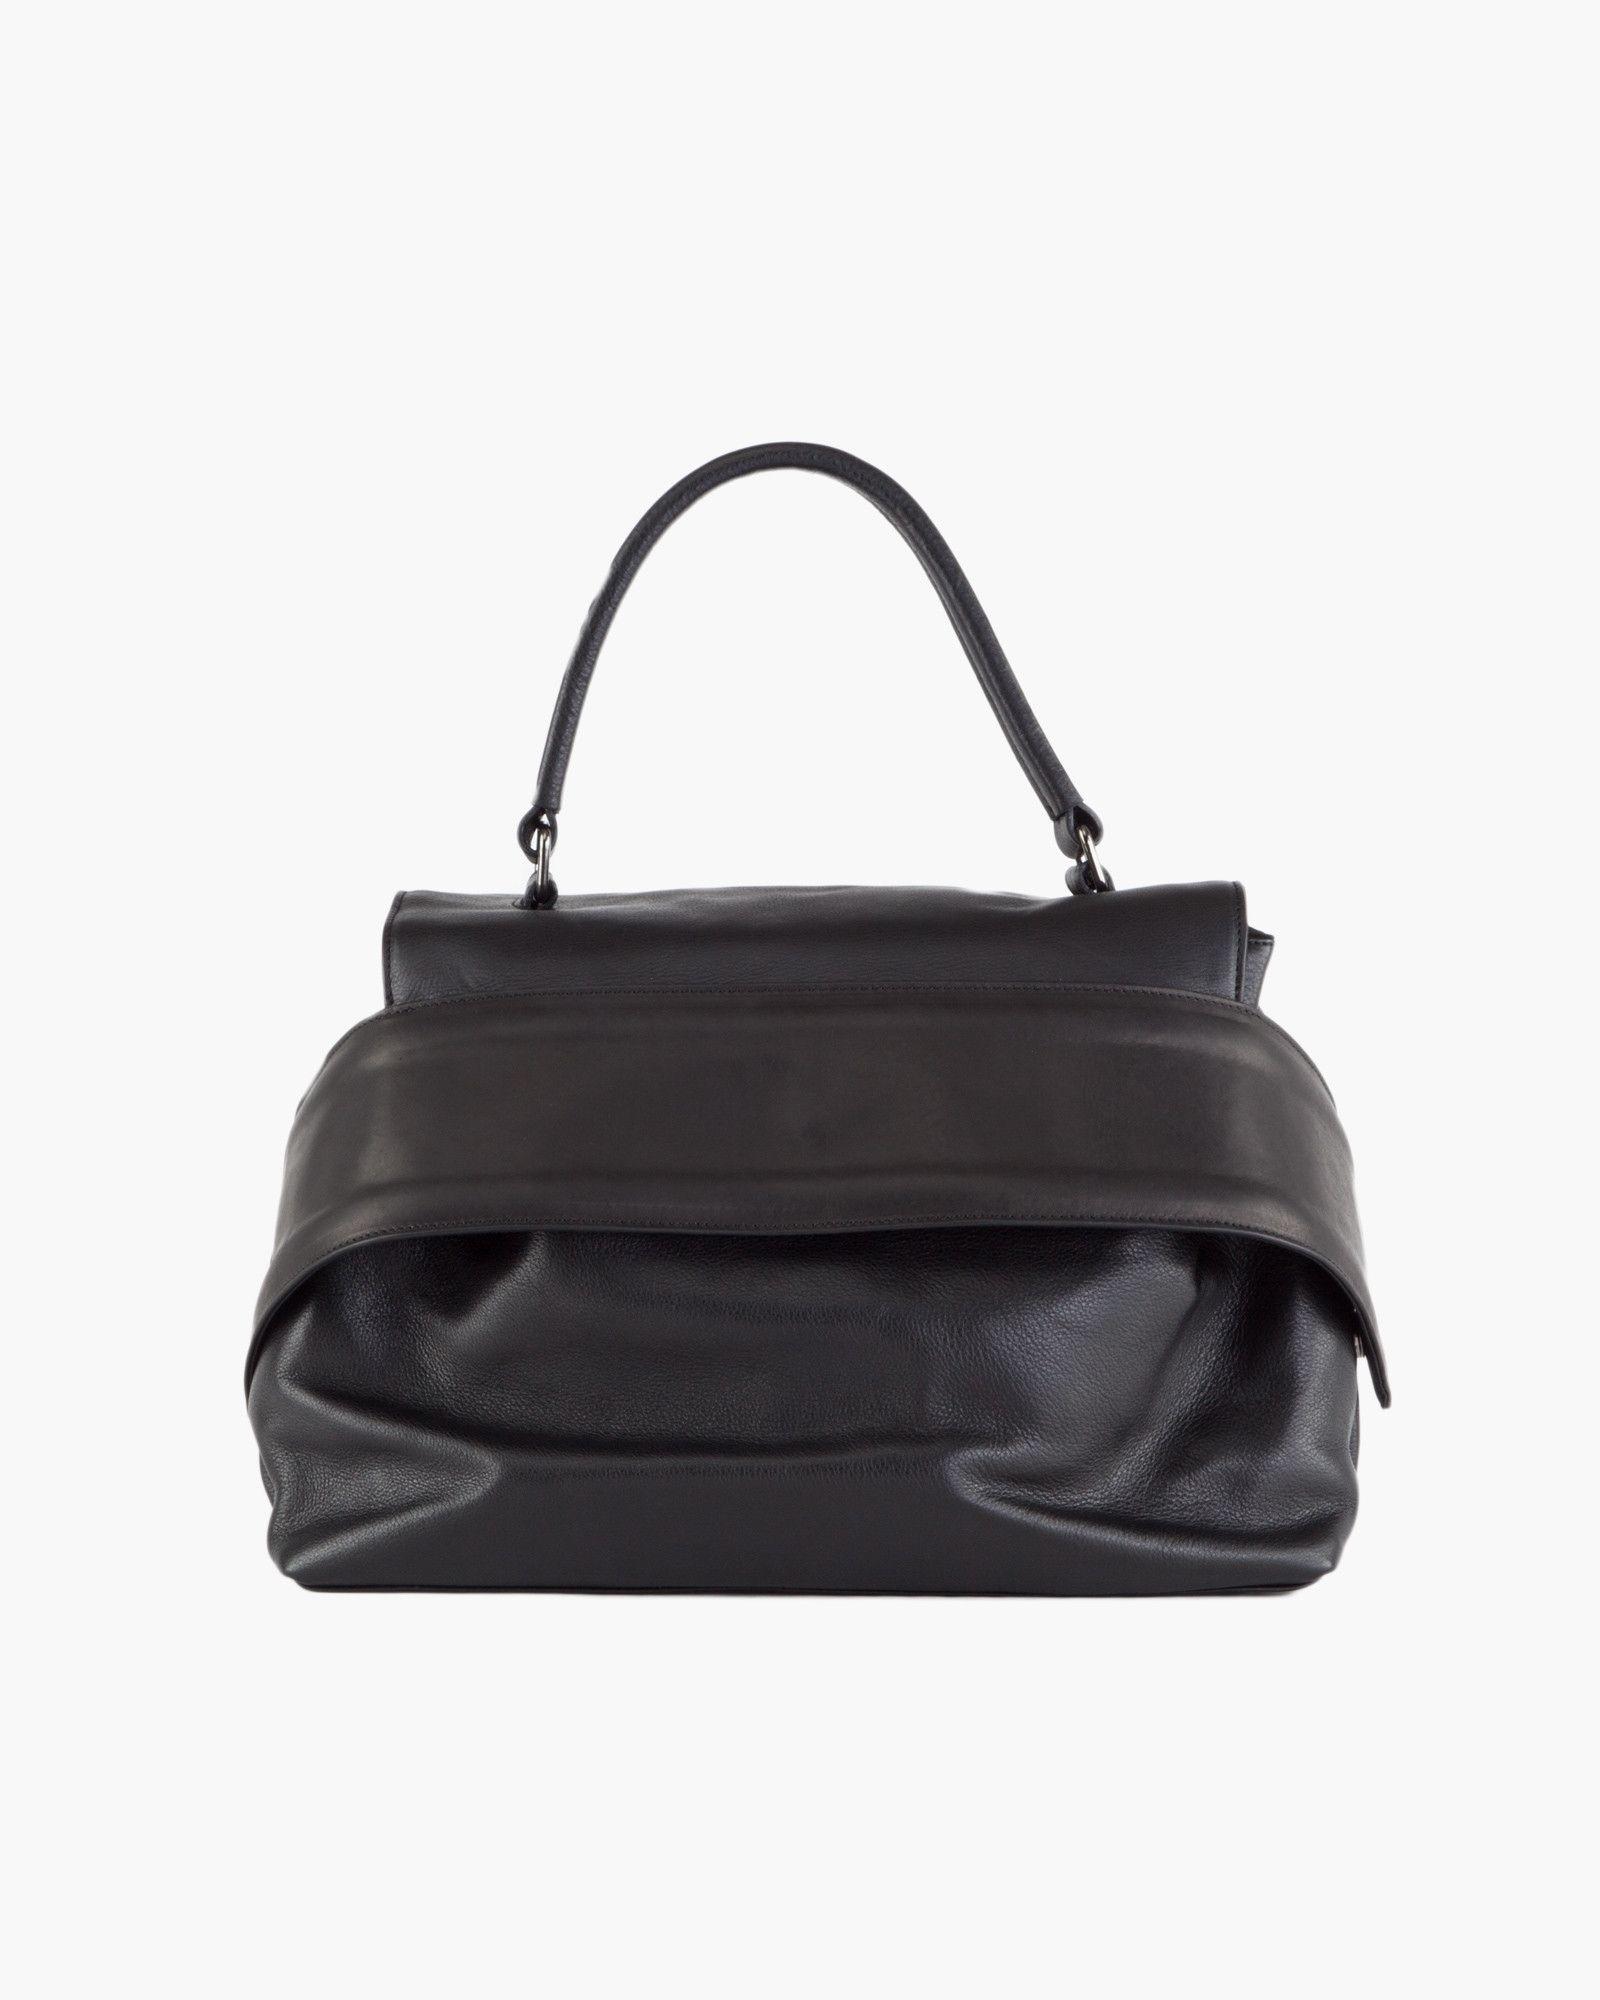 BAGS - Handbags Malloni eig7C1gzM1